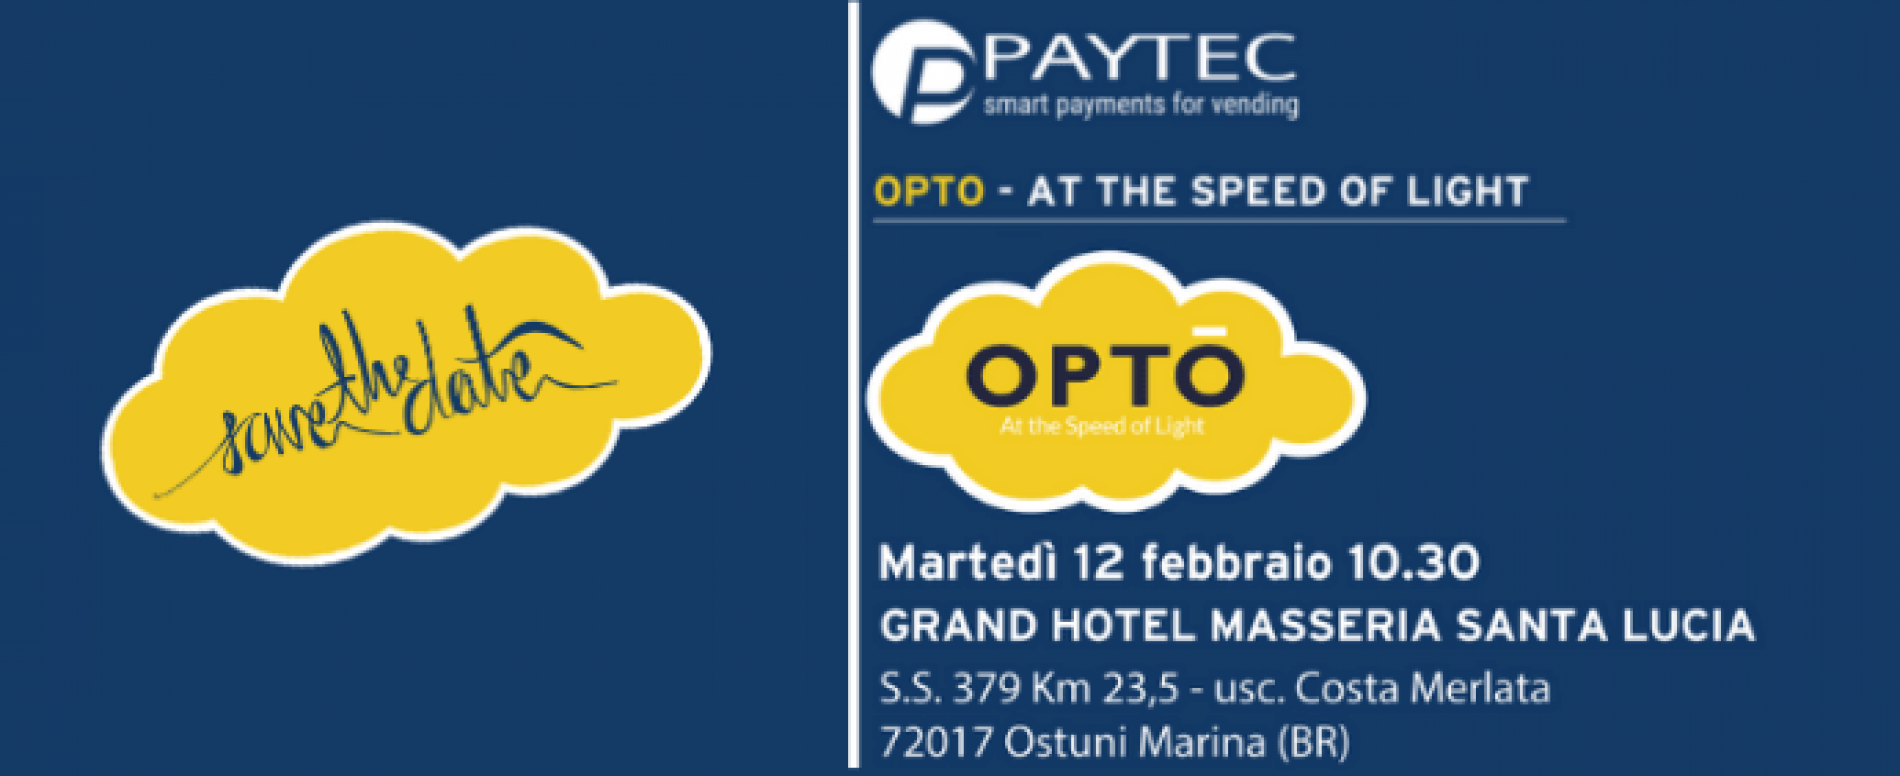 Martedì 12 febbraio appuntamento in Puglia con OPTO di Paytec